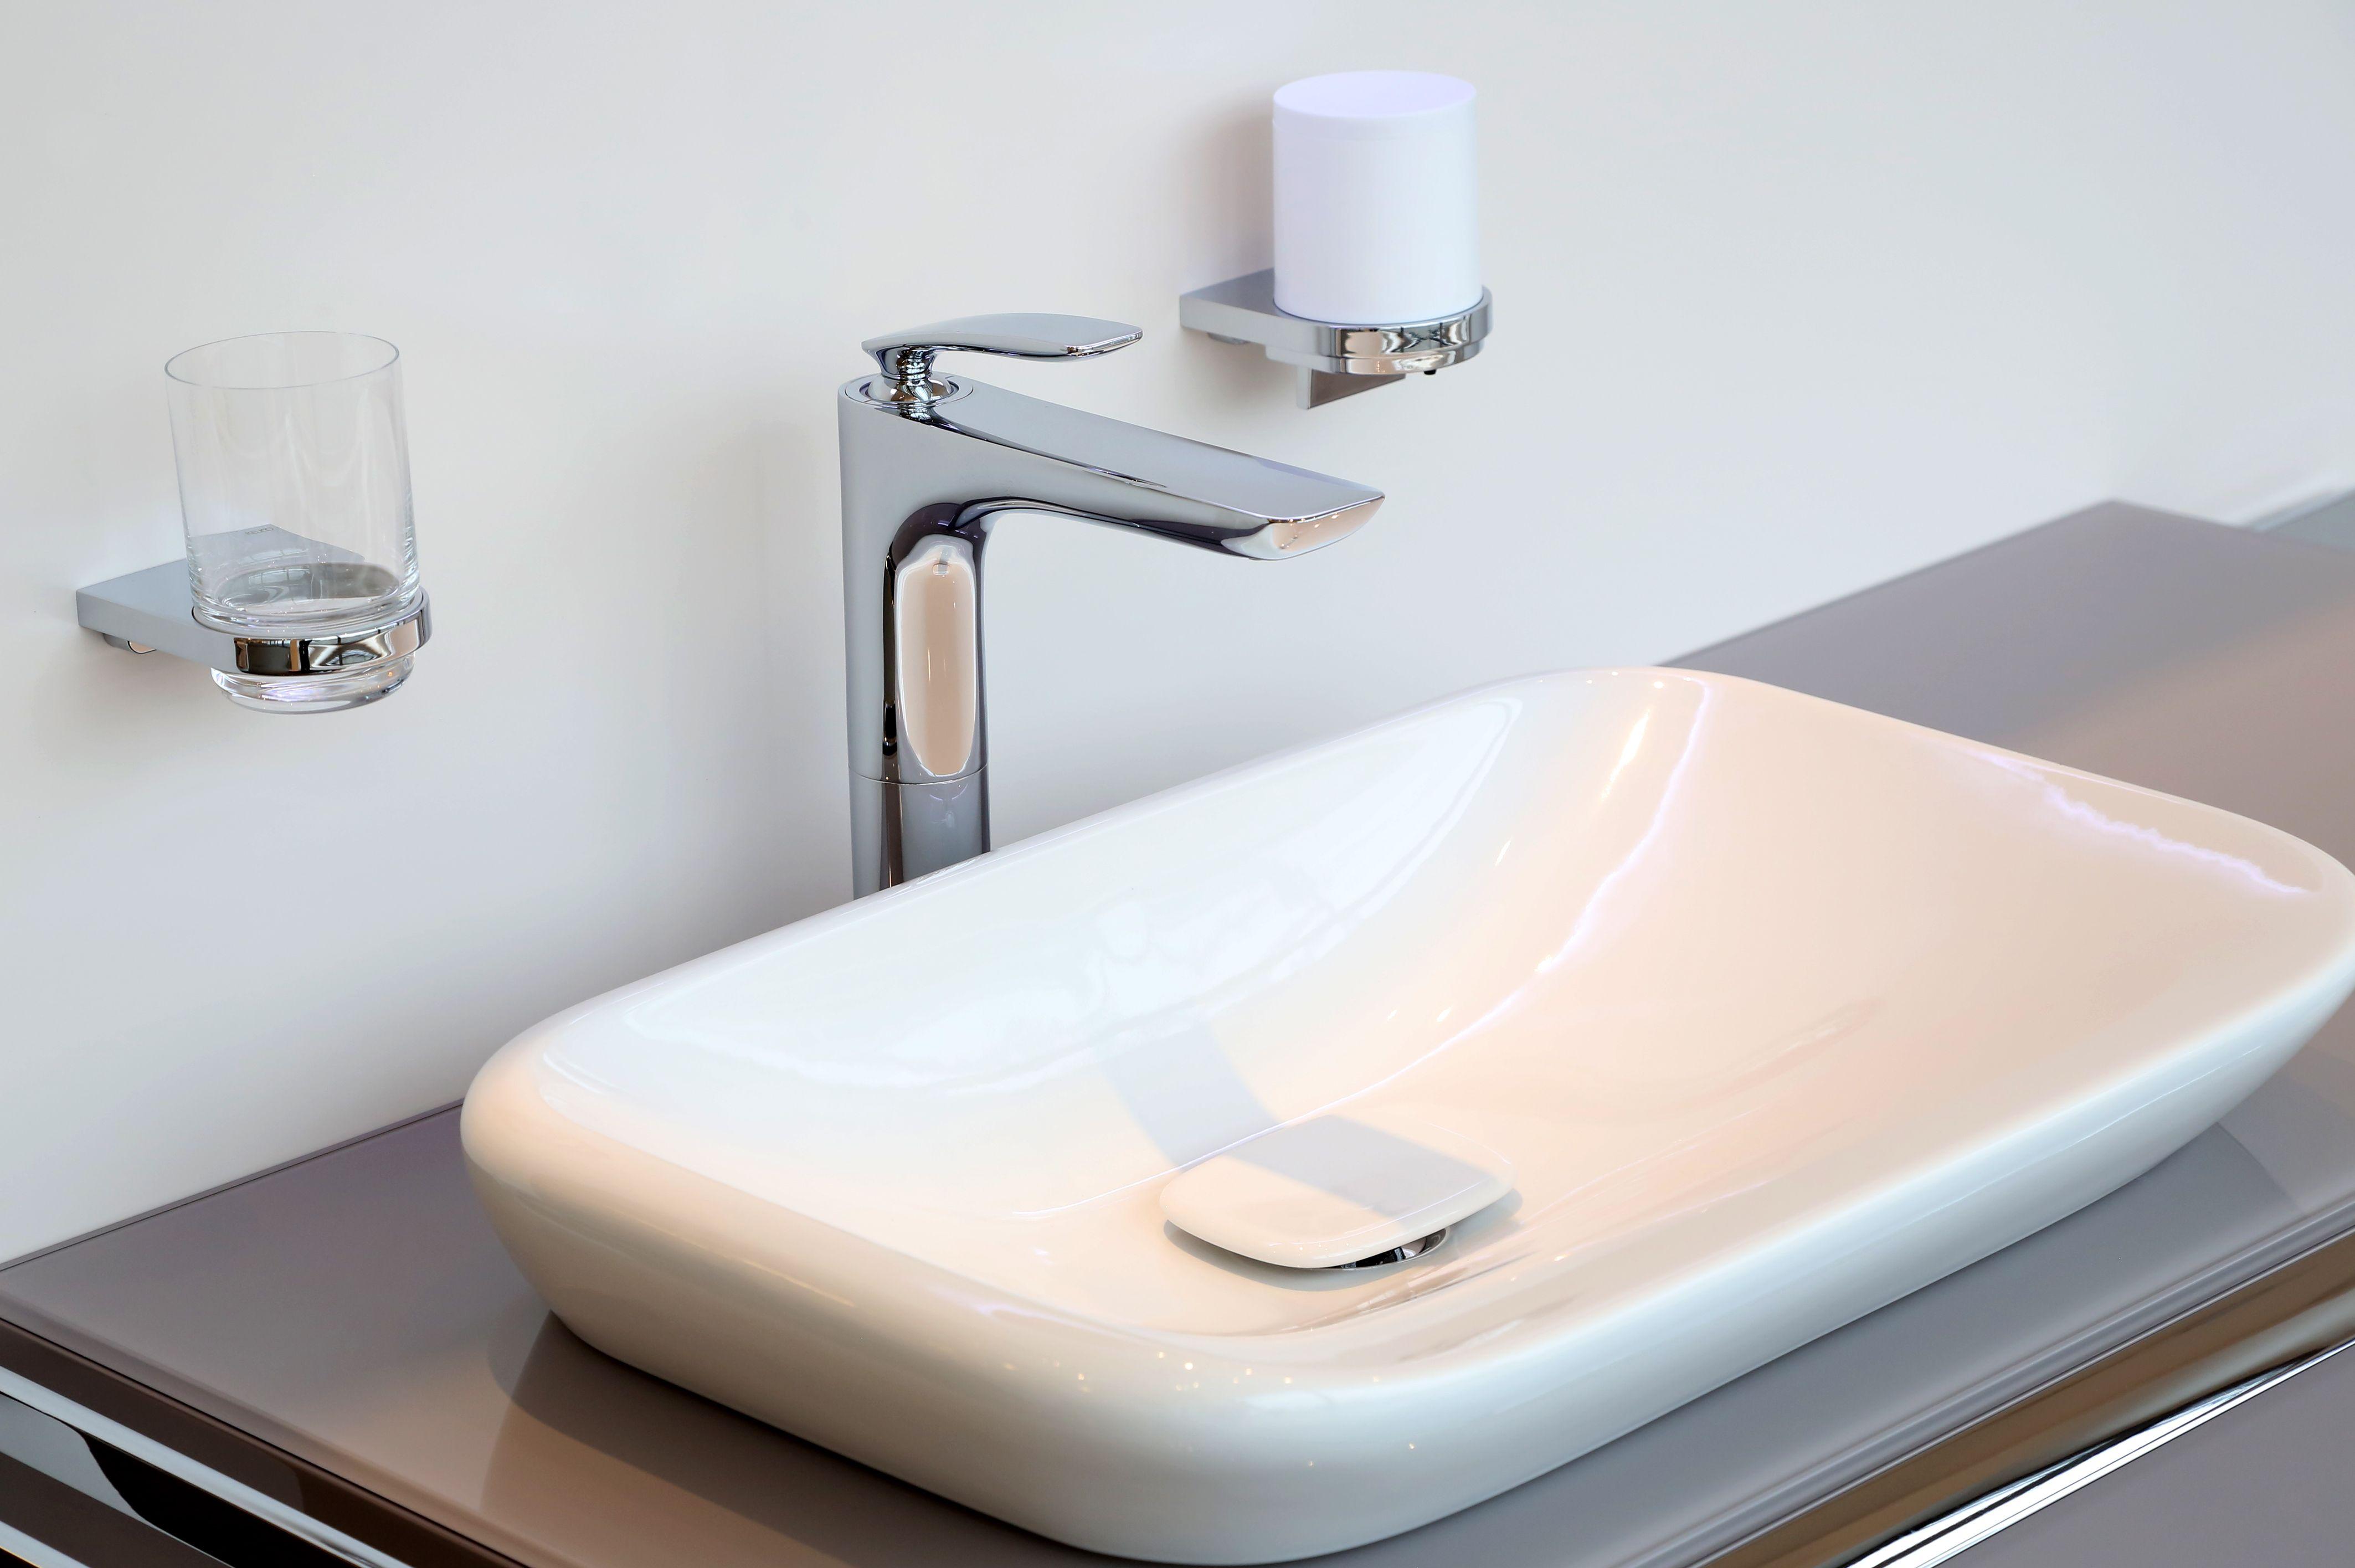 Badezimmer ausstellung ~ Ausstellung badezimmer de wiedemanngruppe burg bad ausstellung